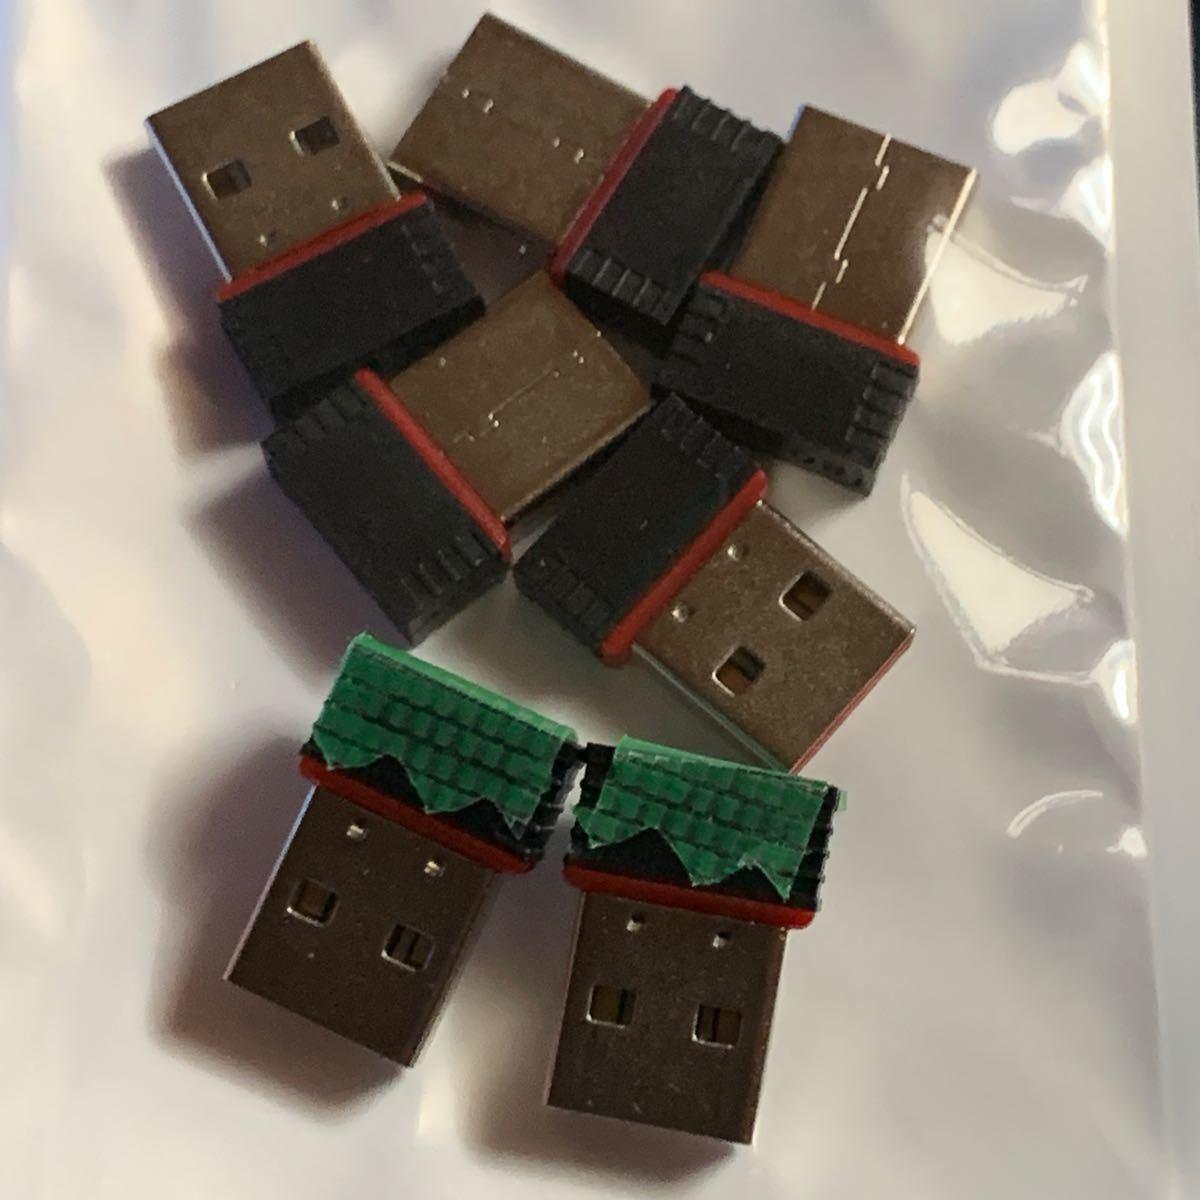 USB 無線LAN子機 IEEE802.11n対応 5個セット 150Mbps  USB2.0